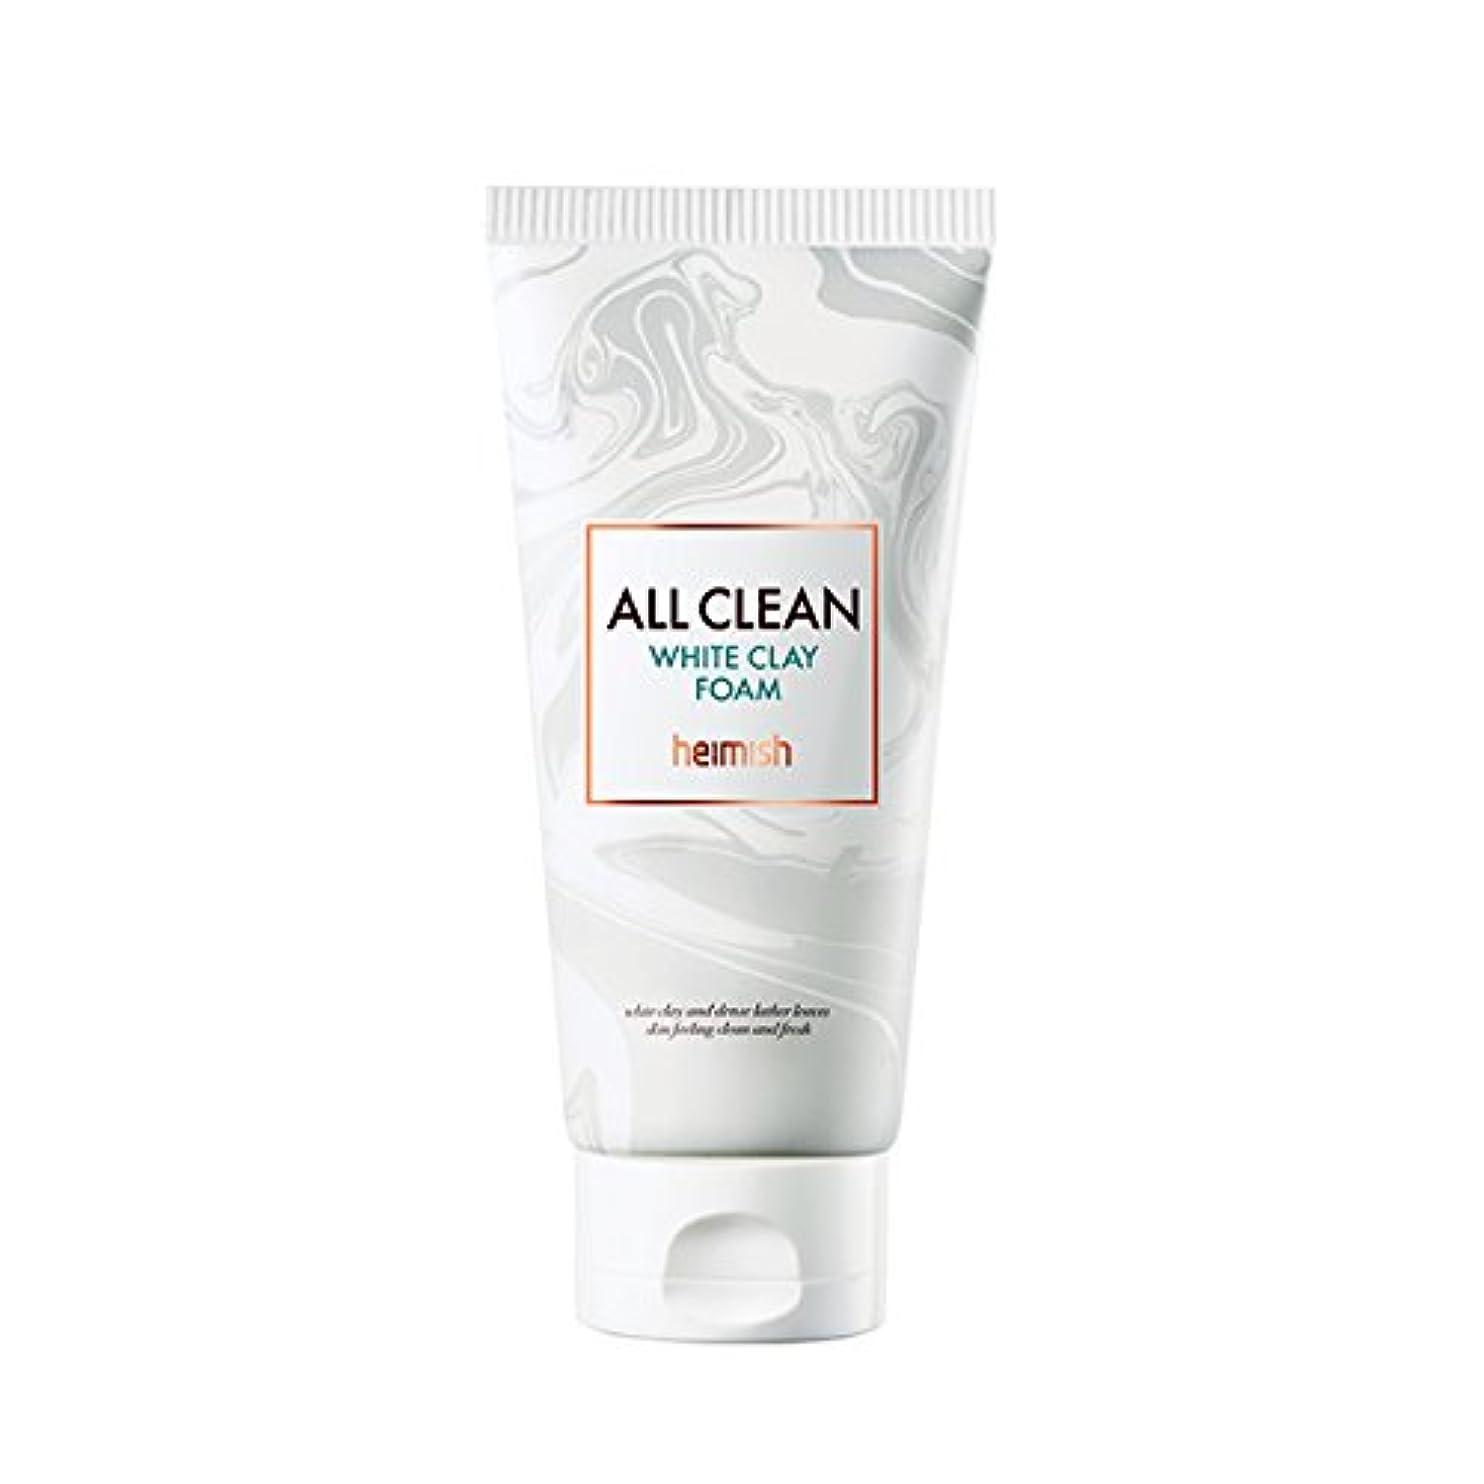 会話型資産同性愛者heimish All Clean White Clay Foam 150g/ヘイミッシュ オールクリーン ホワイト クレイ フォーム 150g